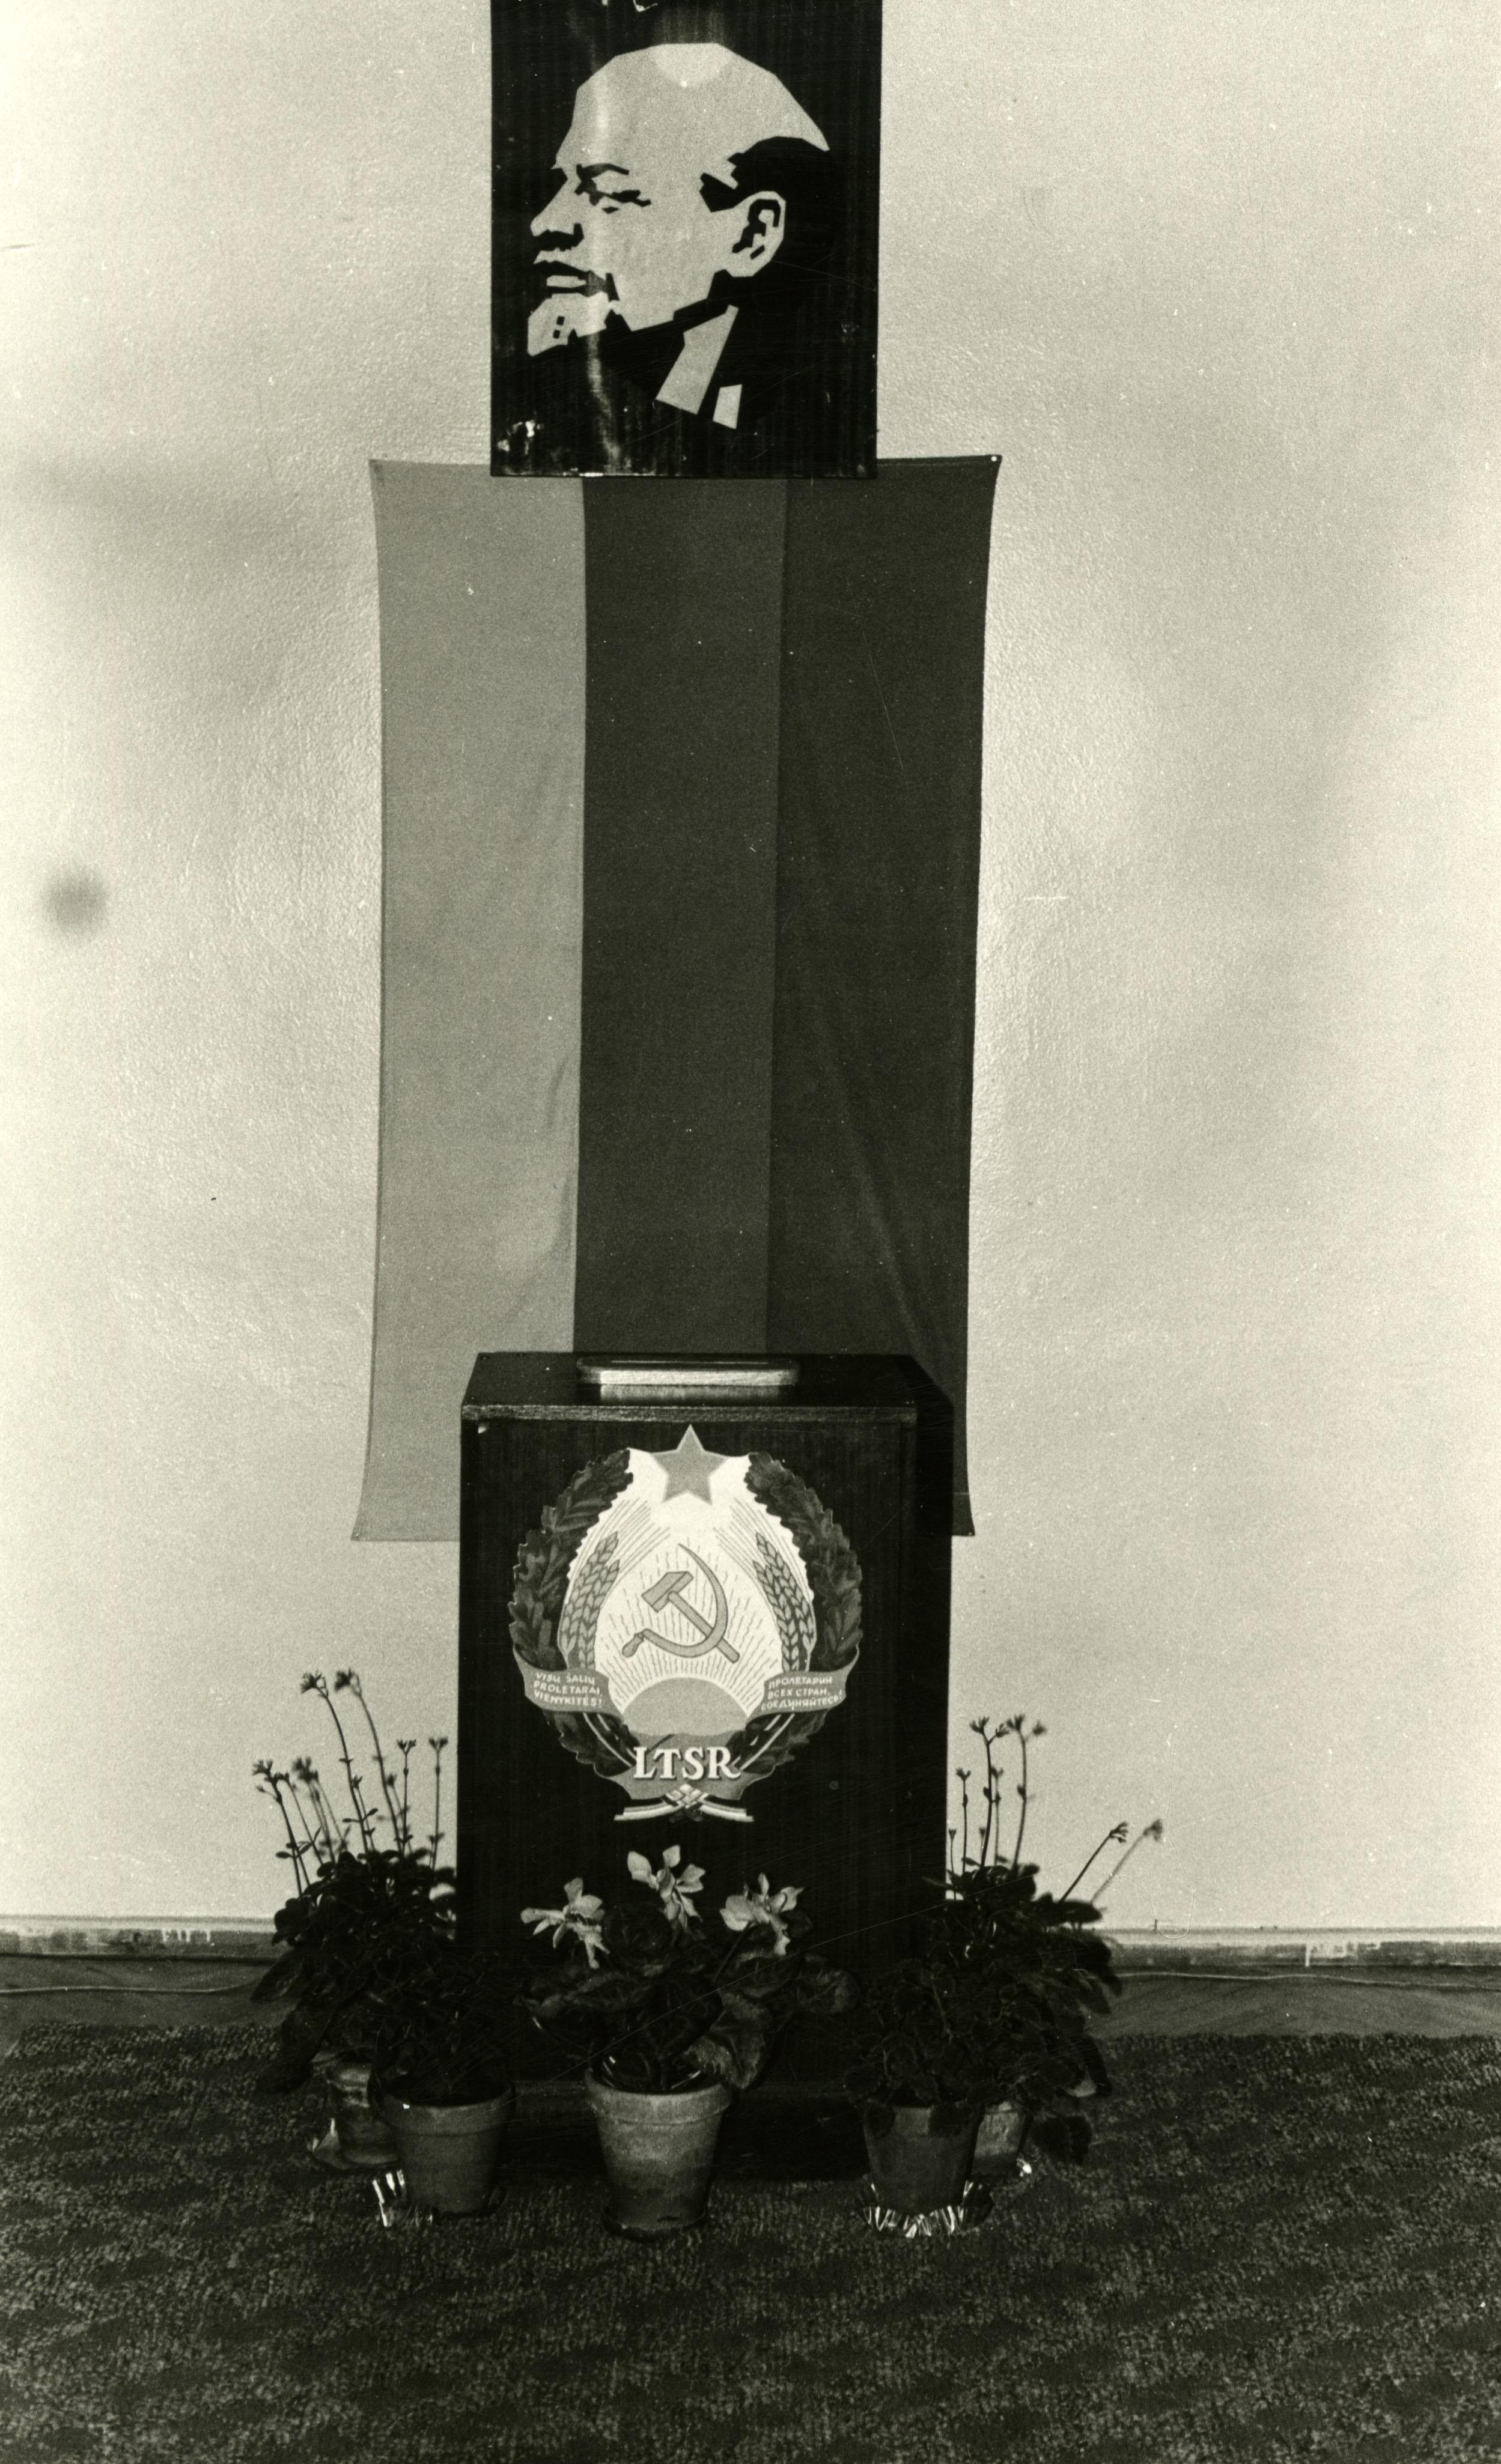 10. 1989 m. sausio 15 d. papildomi rinkimai į XI-ojo šaukimo Lietuvos TSR Aukščiausiąją Tarybą. Šiaulių m. Žemaitės rinkiminės apygardos Nr.109 Rinkiminė apylinkė Nr.8. Balsavimo urna. Nuotraukos autorius nežinomas   R. ir Z. Vaišvilų asmeninis archyvas